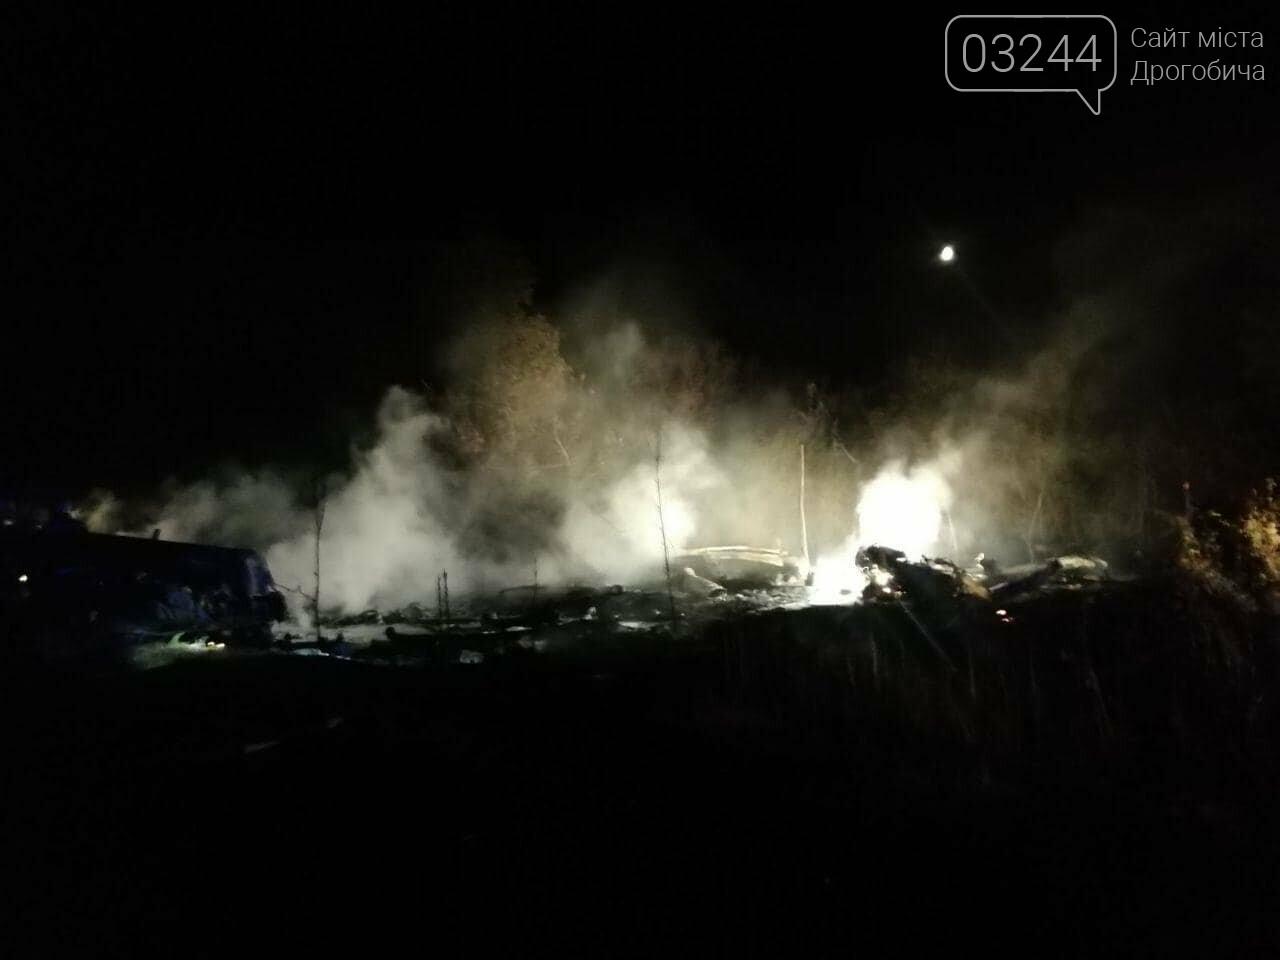 Авіатрагедія – на Харківщині розбився військовий літак із курсантами, 22 загиблих, фото-1